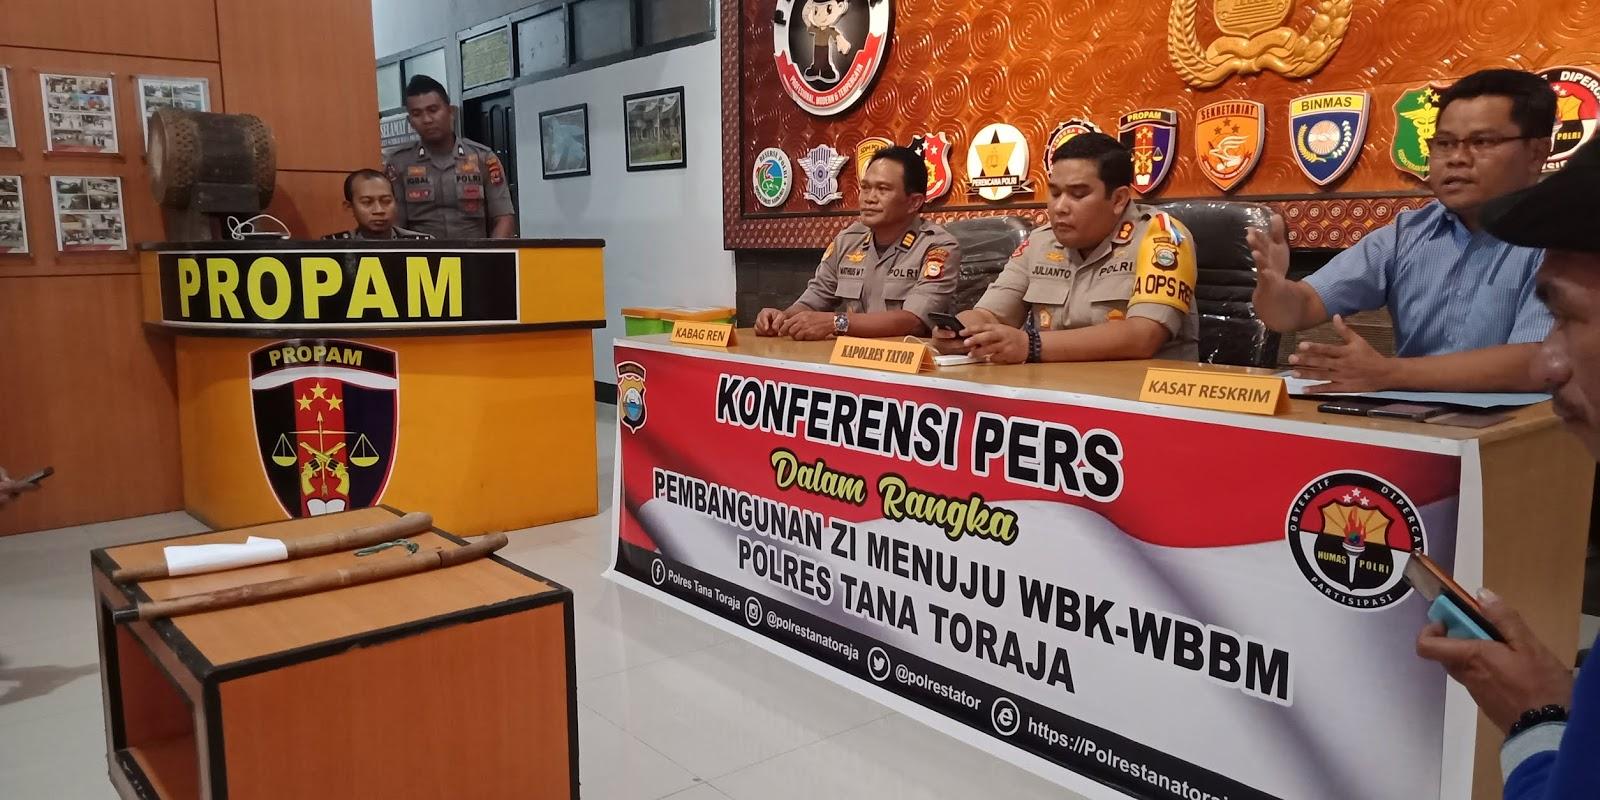 Berulang Kali Pakai Narkoba, Satu Personil Polres Tana Toraja Diberhentikan Secara Tidak Hormat